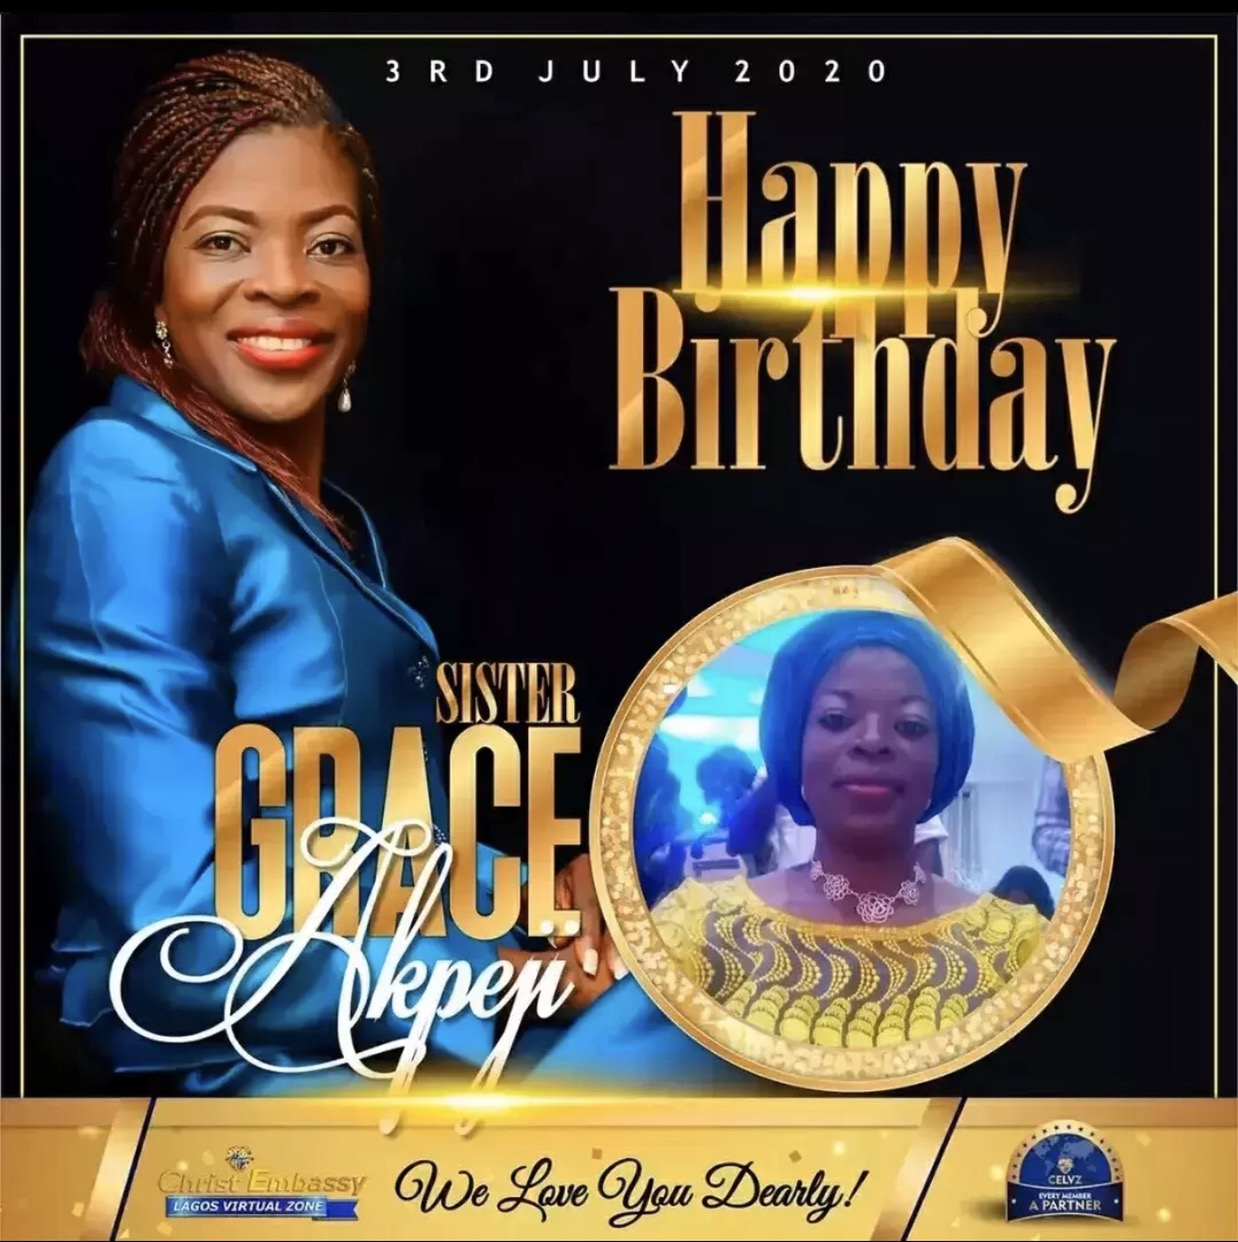 Still celebrating Sister Grace, you